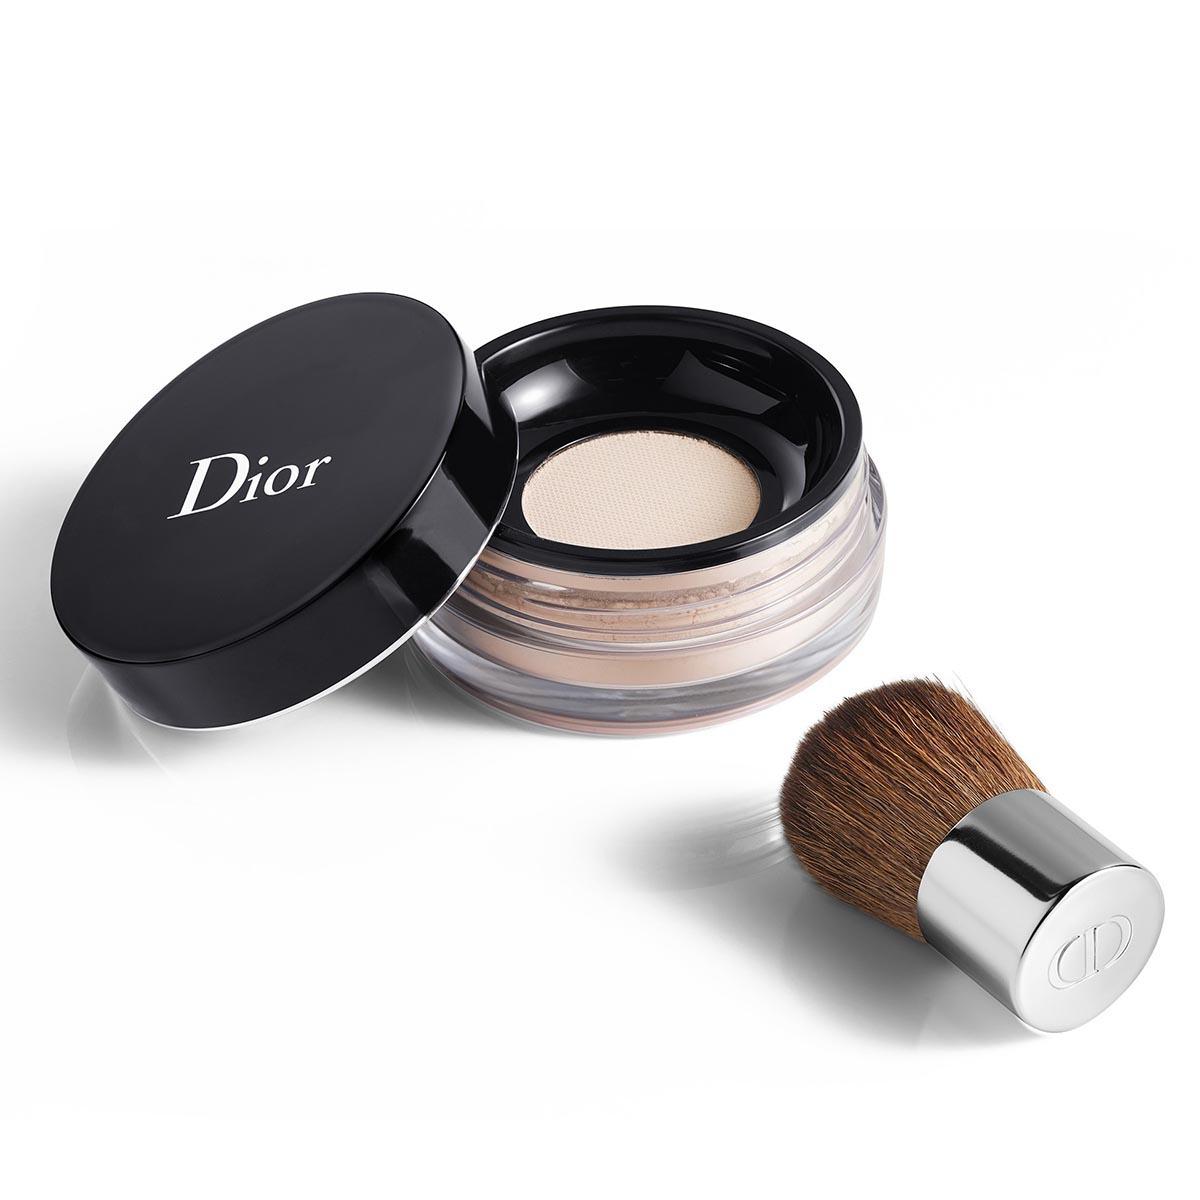 Dior diorskin forever ever control poudre libre invisible 001 8gr